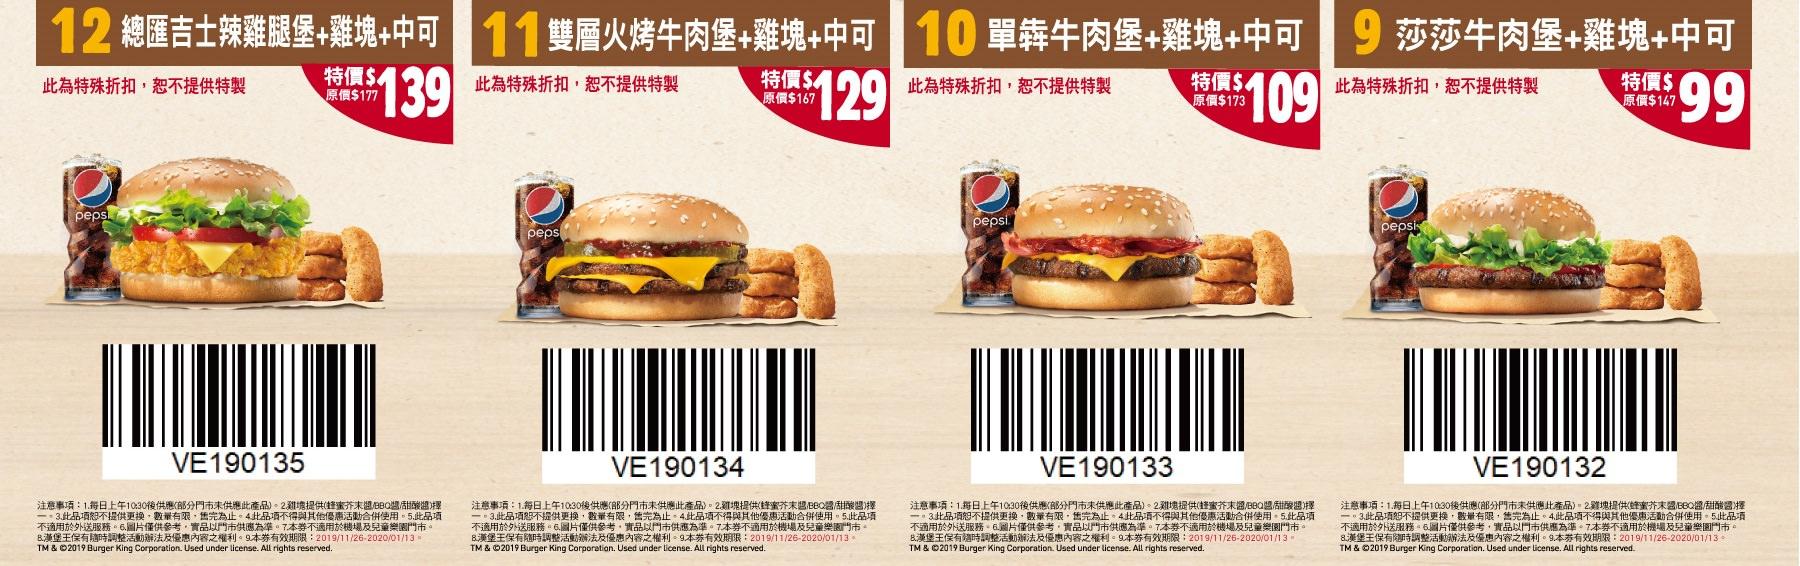 20191126101725 32 - 最新漢堡王優惠券,這次竟然有漢堡買一送一優惠!